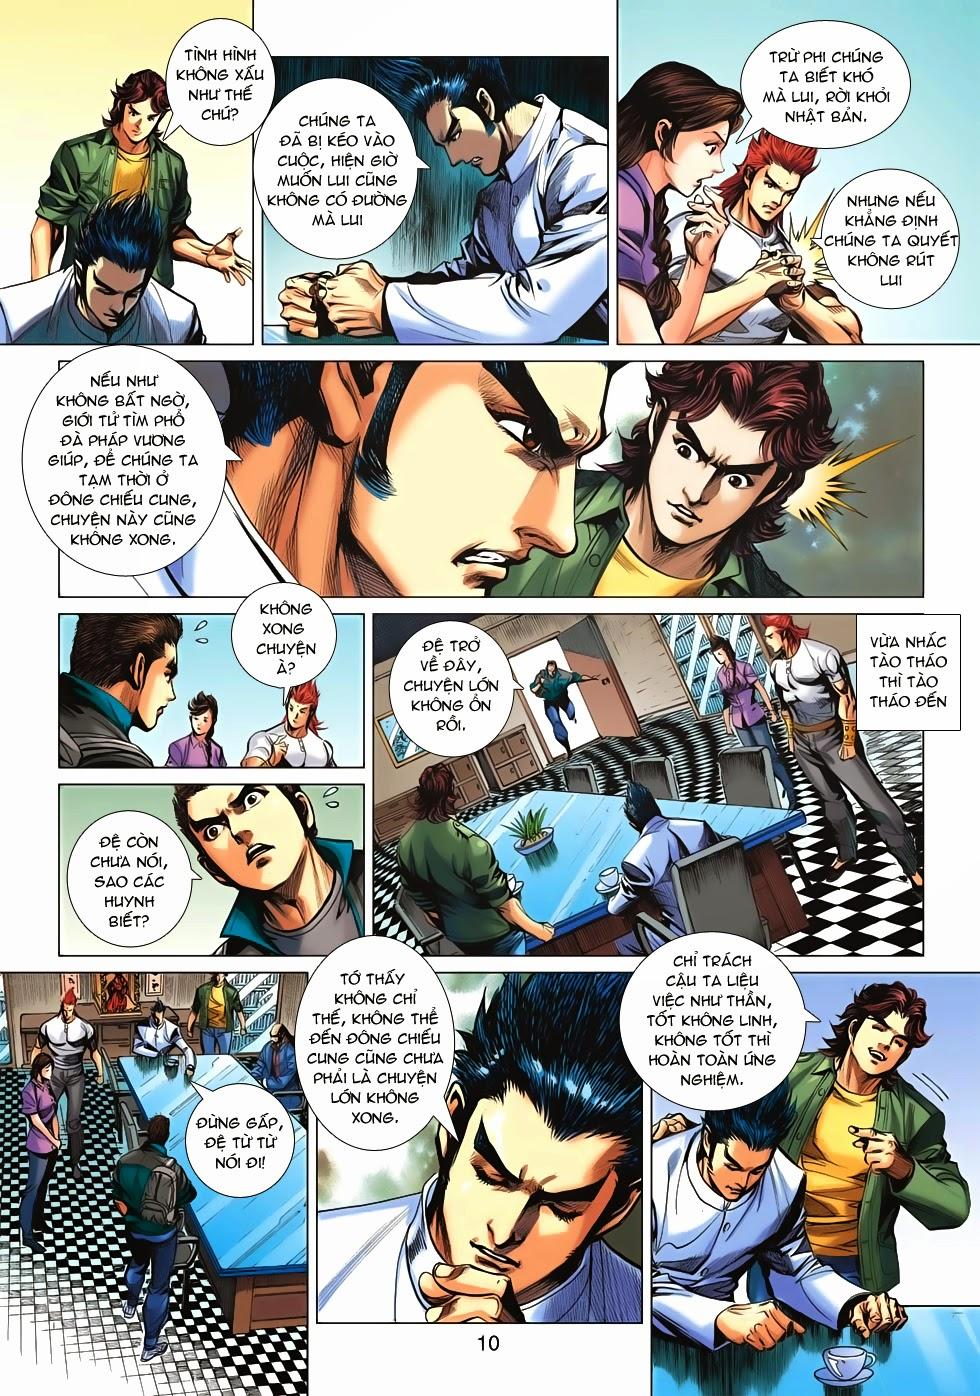 Tân Tác Long Hổ Môn chap 659 - Trang 10